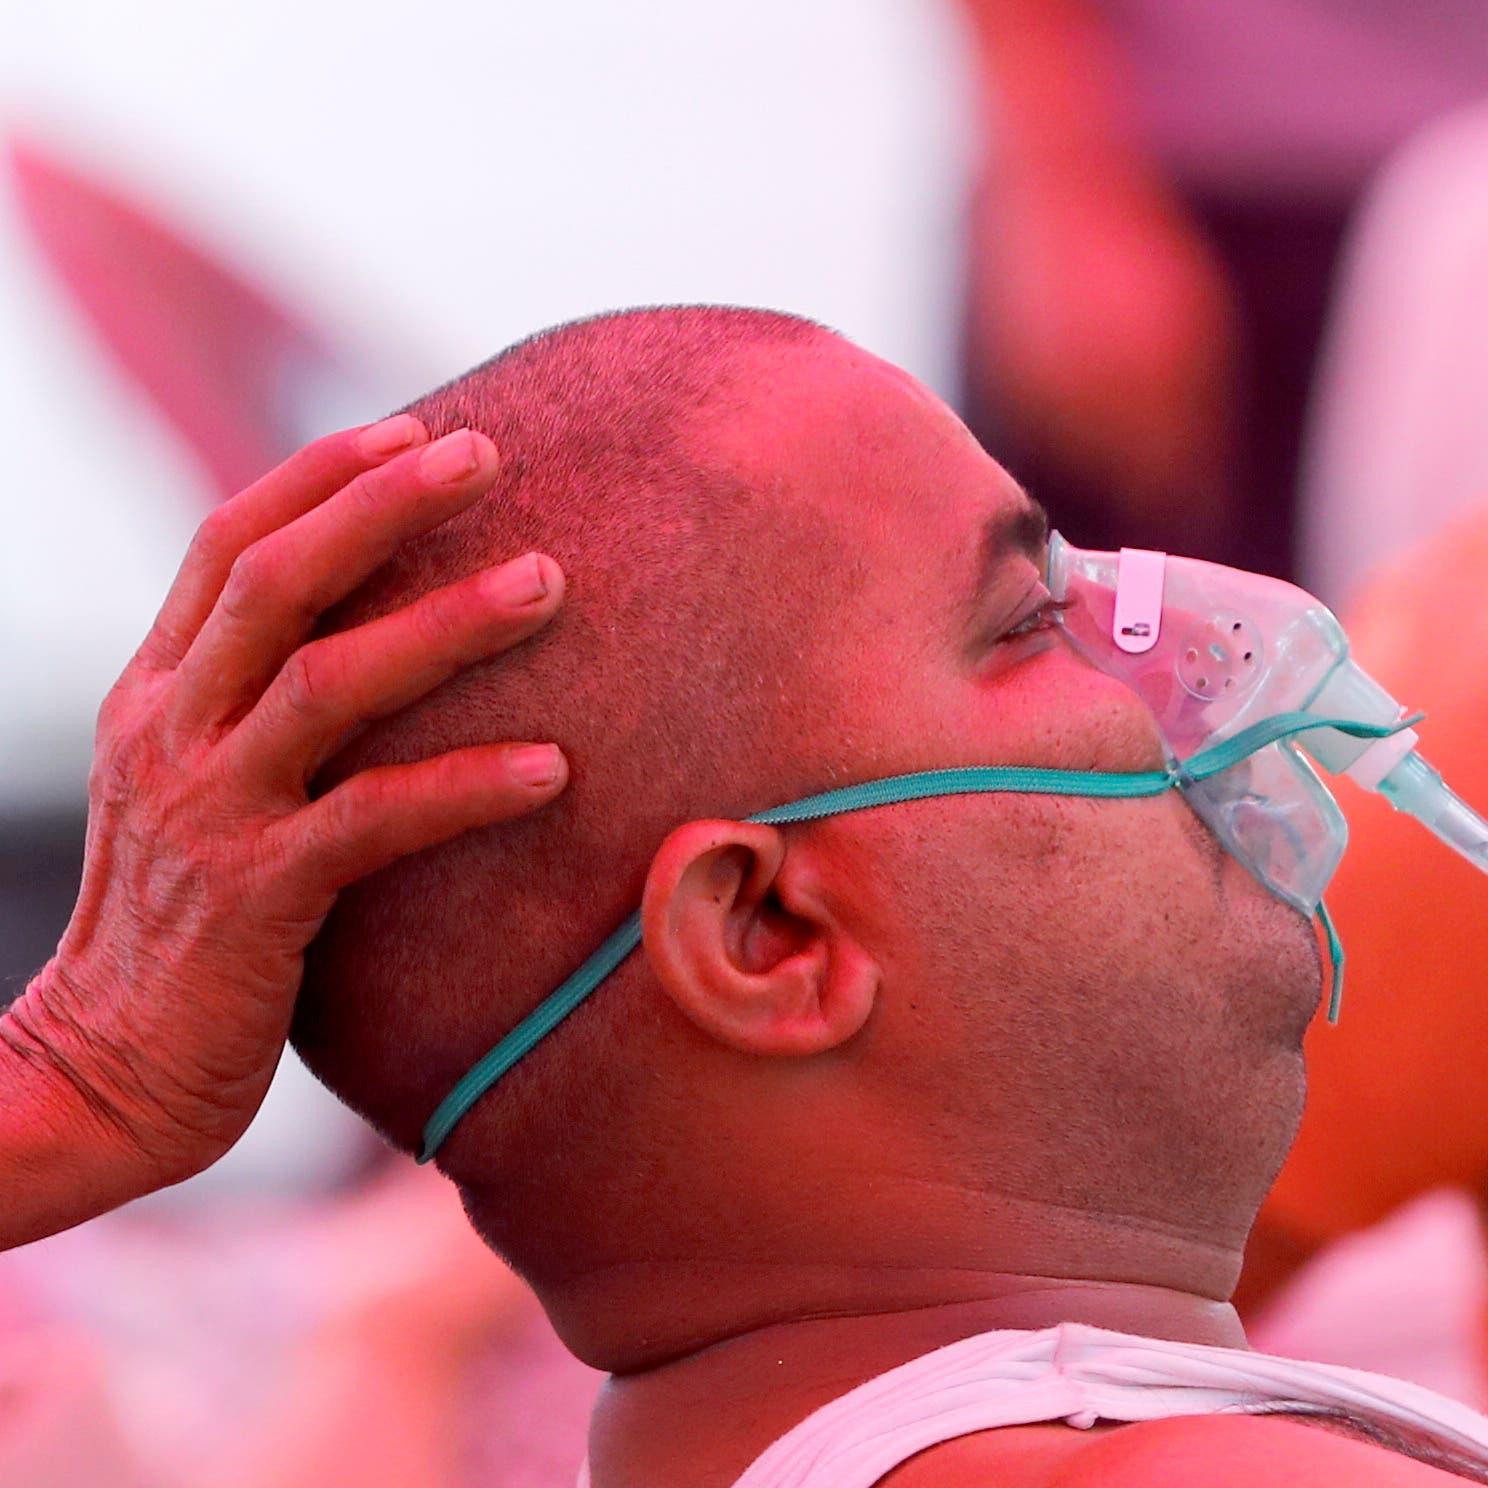 كارثة الهند الوبائية تثير رعباً عالمياً لهذه الأسباب